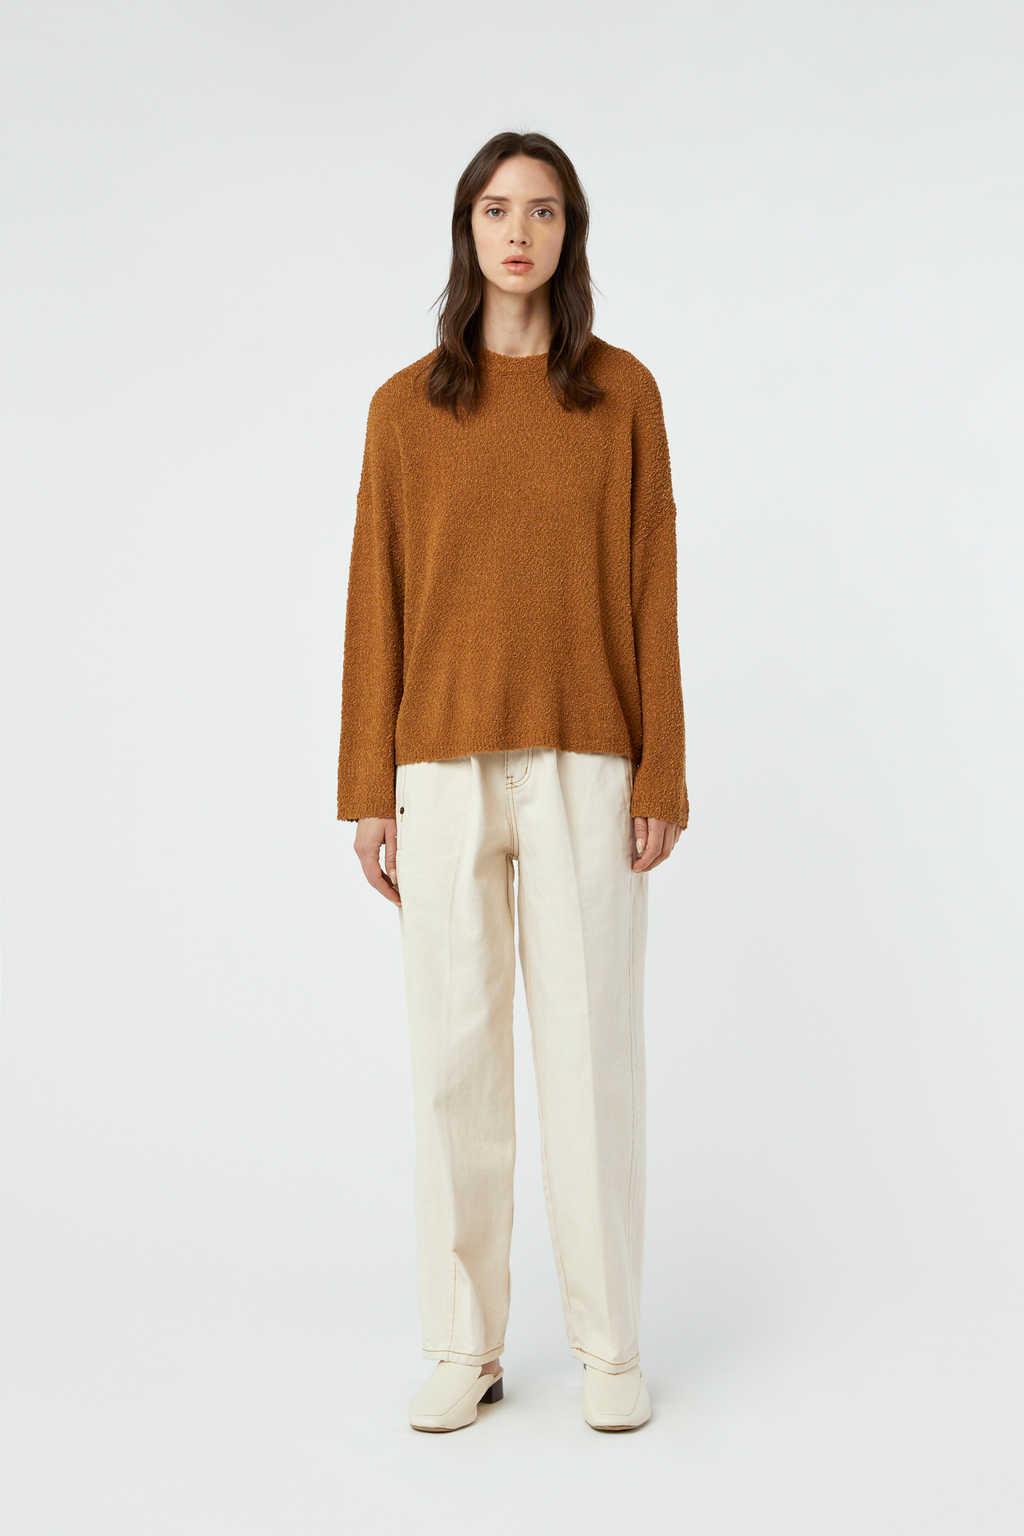 Sweater 3212 Tan 8